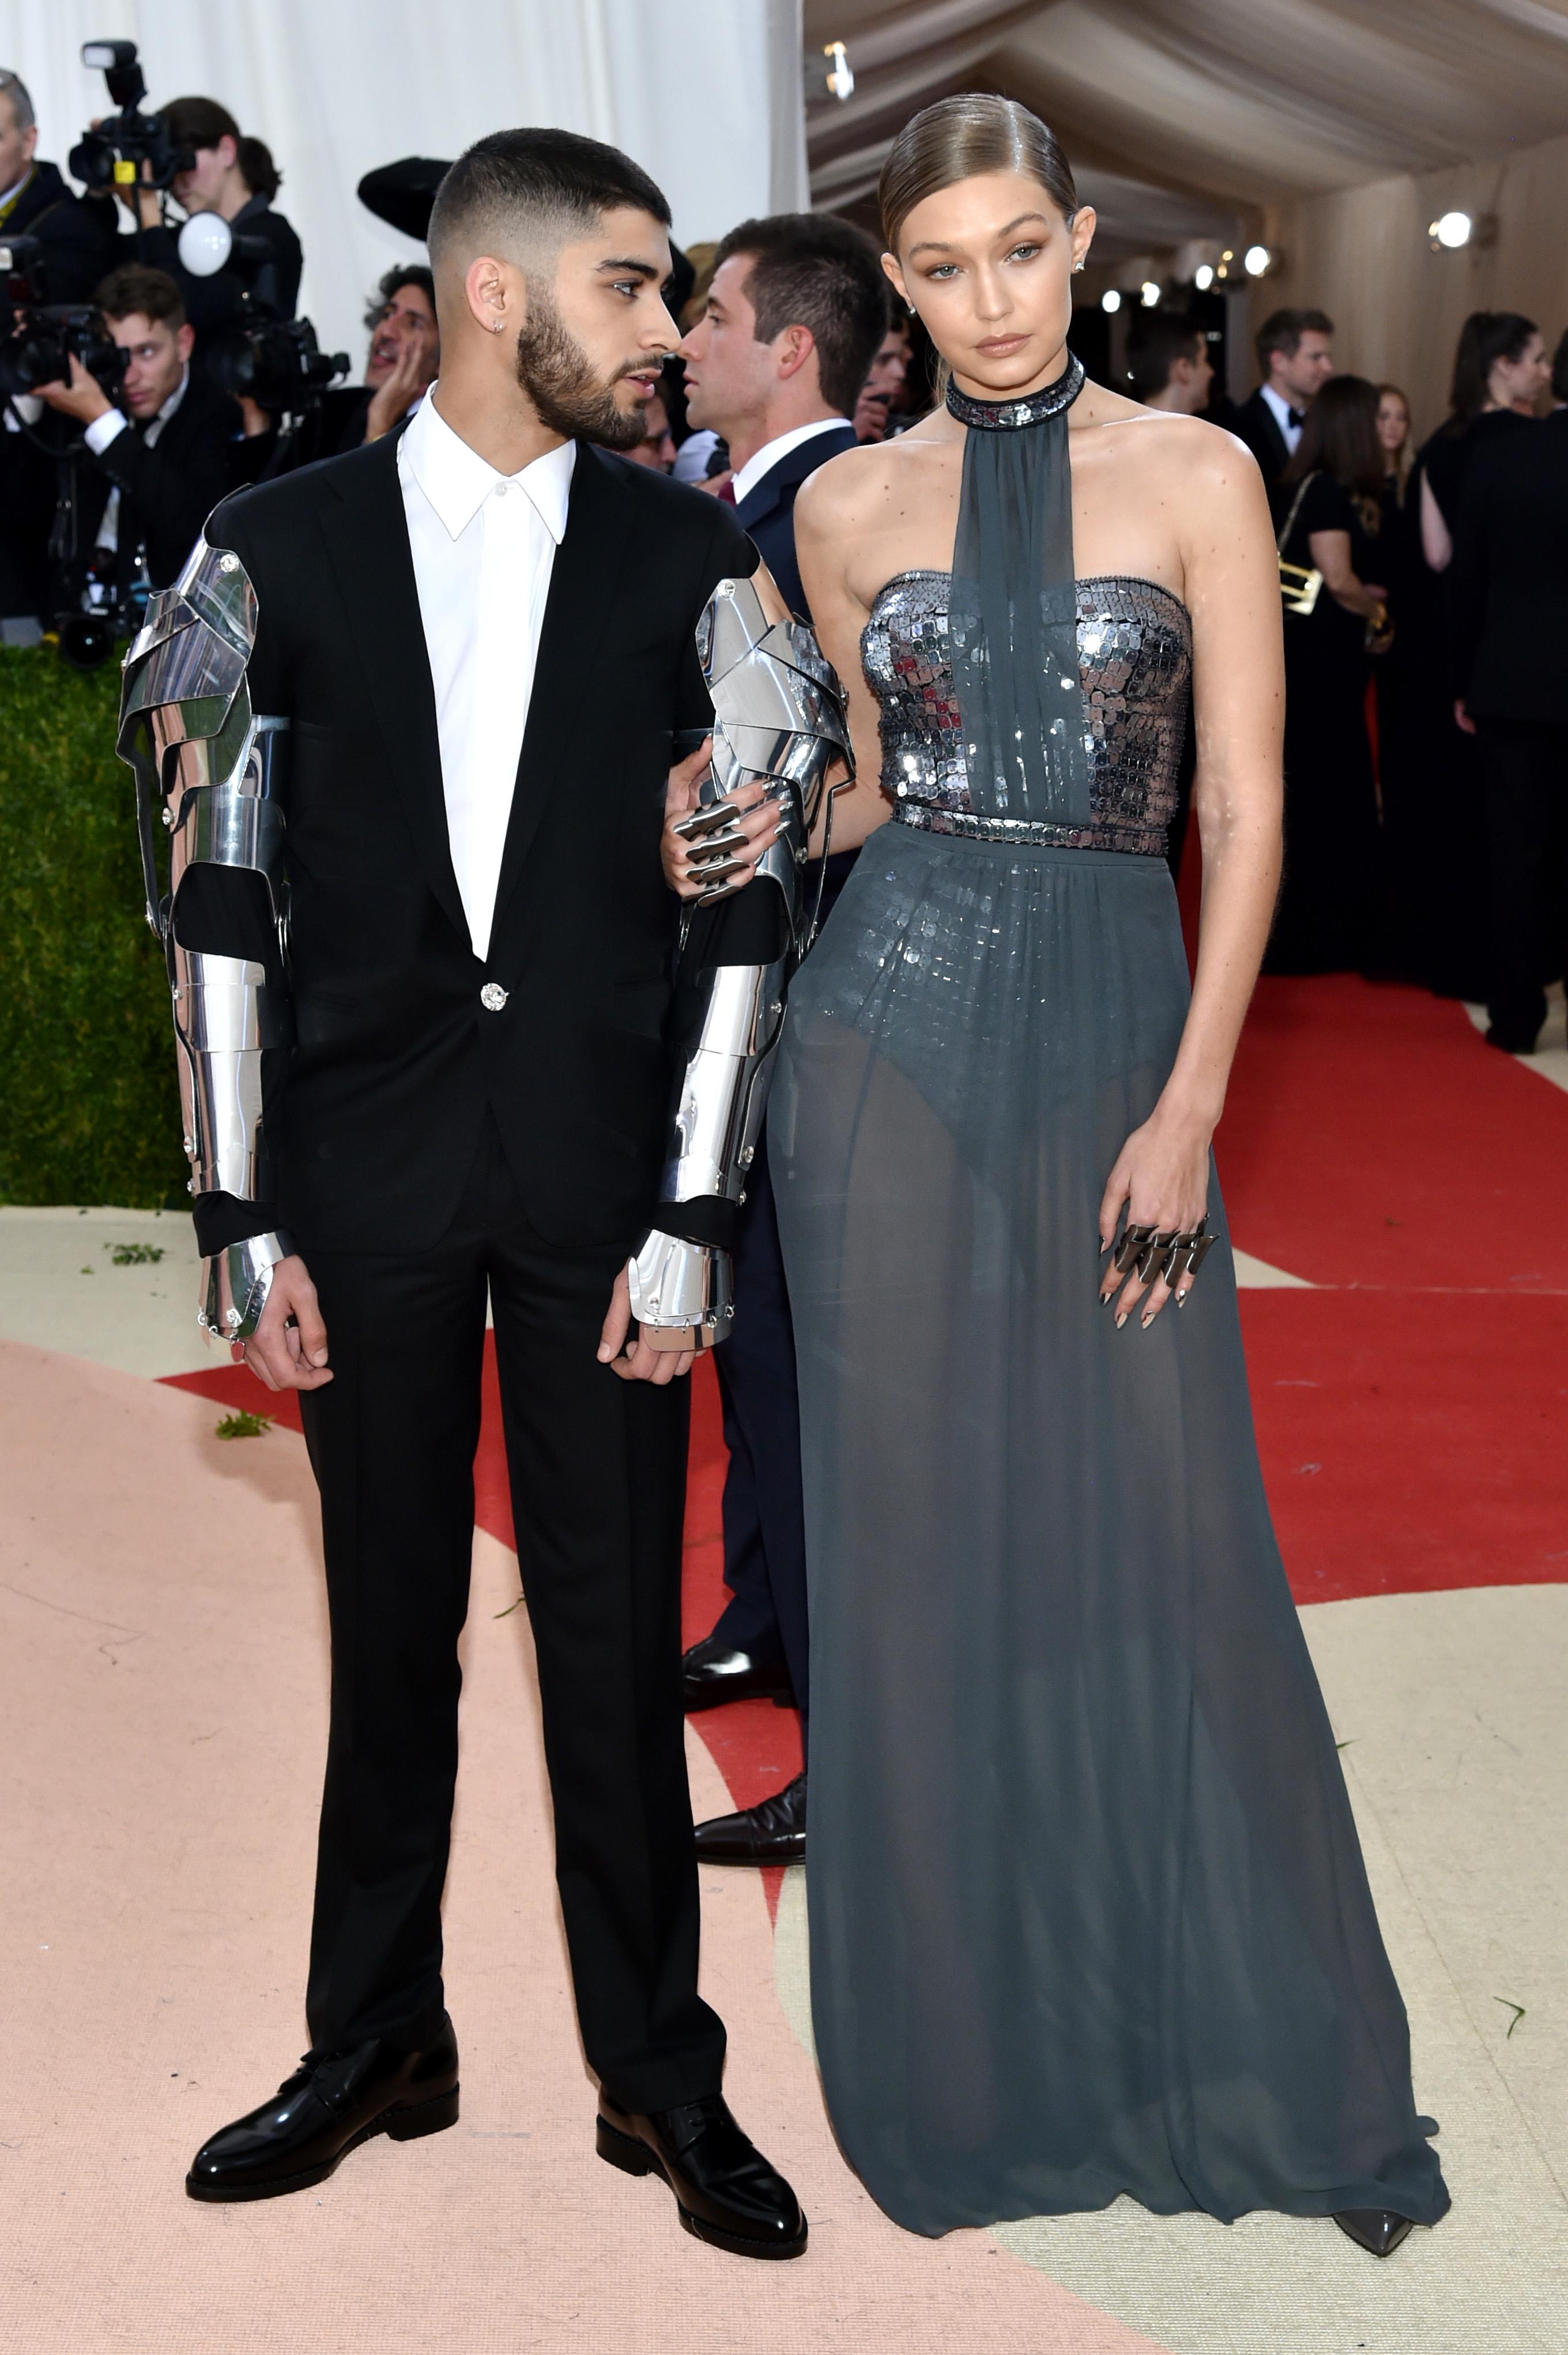 Zayn Malik with Gigi Hadid in Tommy Hilfiger at met gala 2016